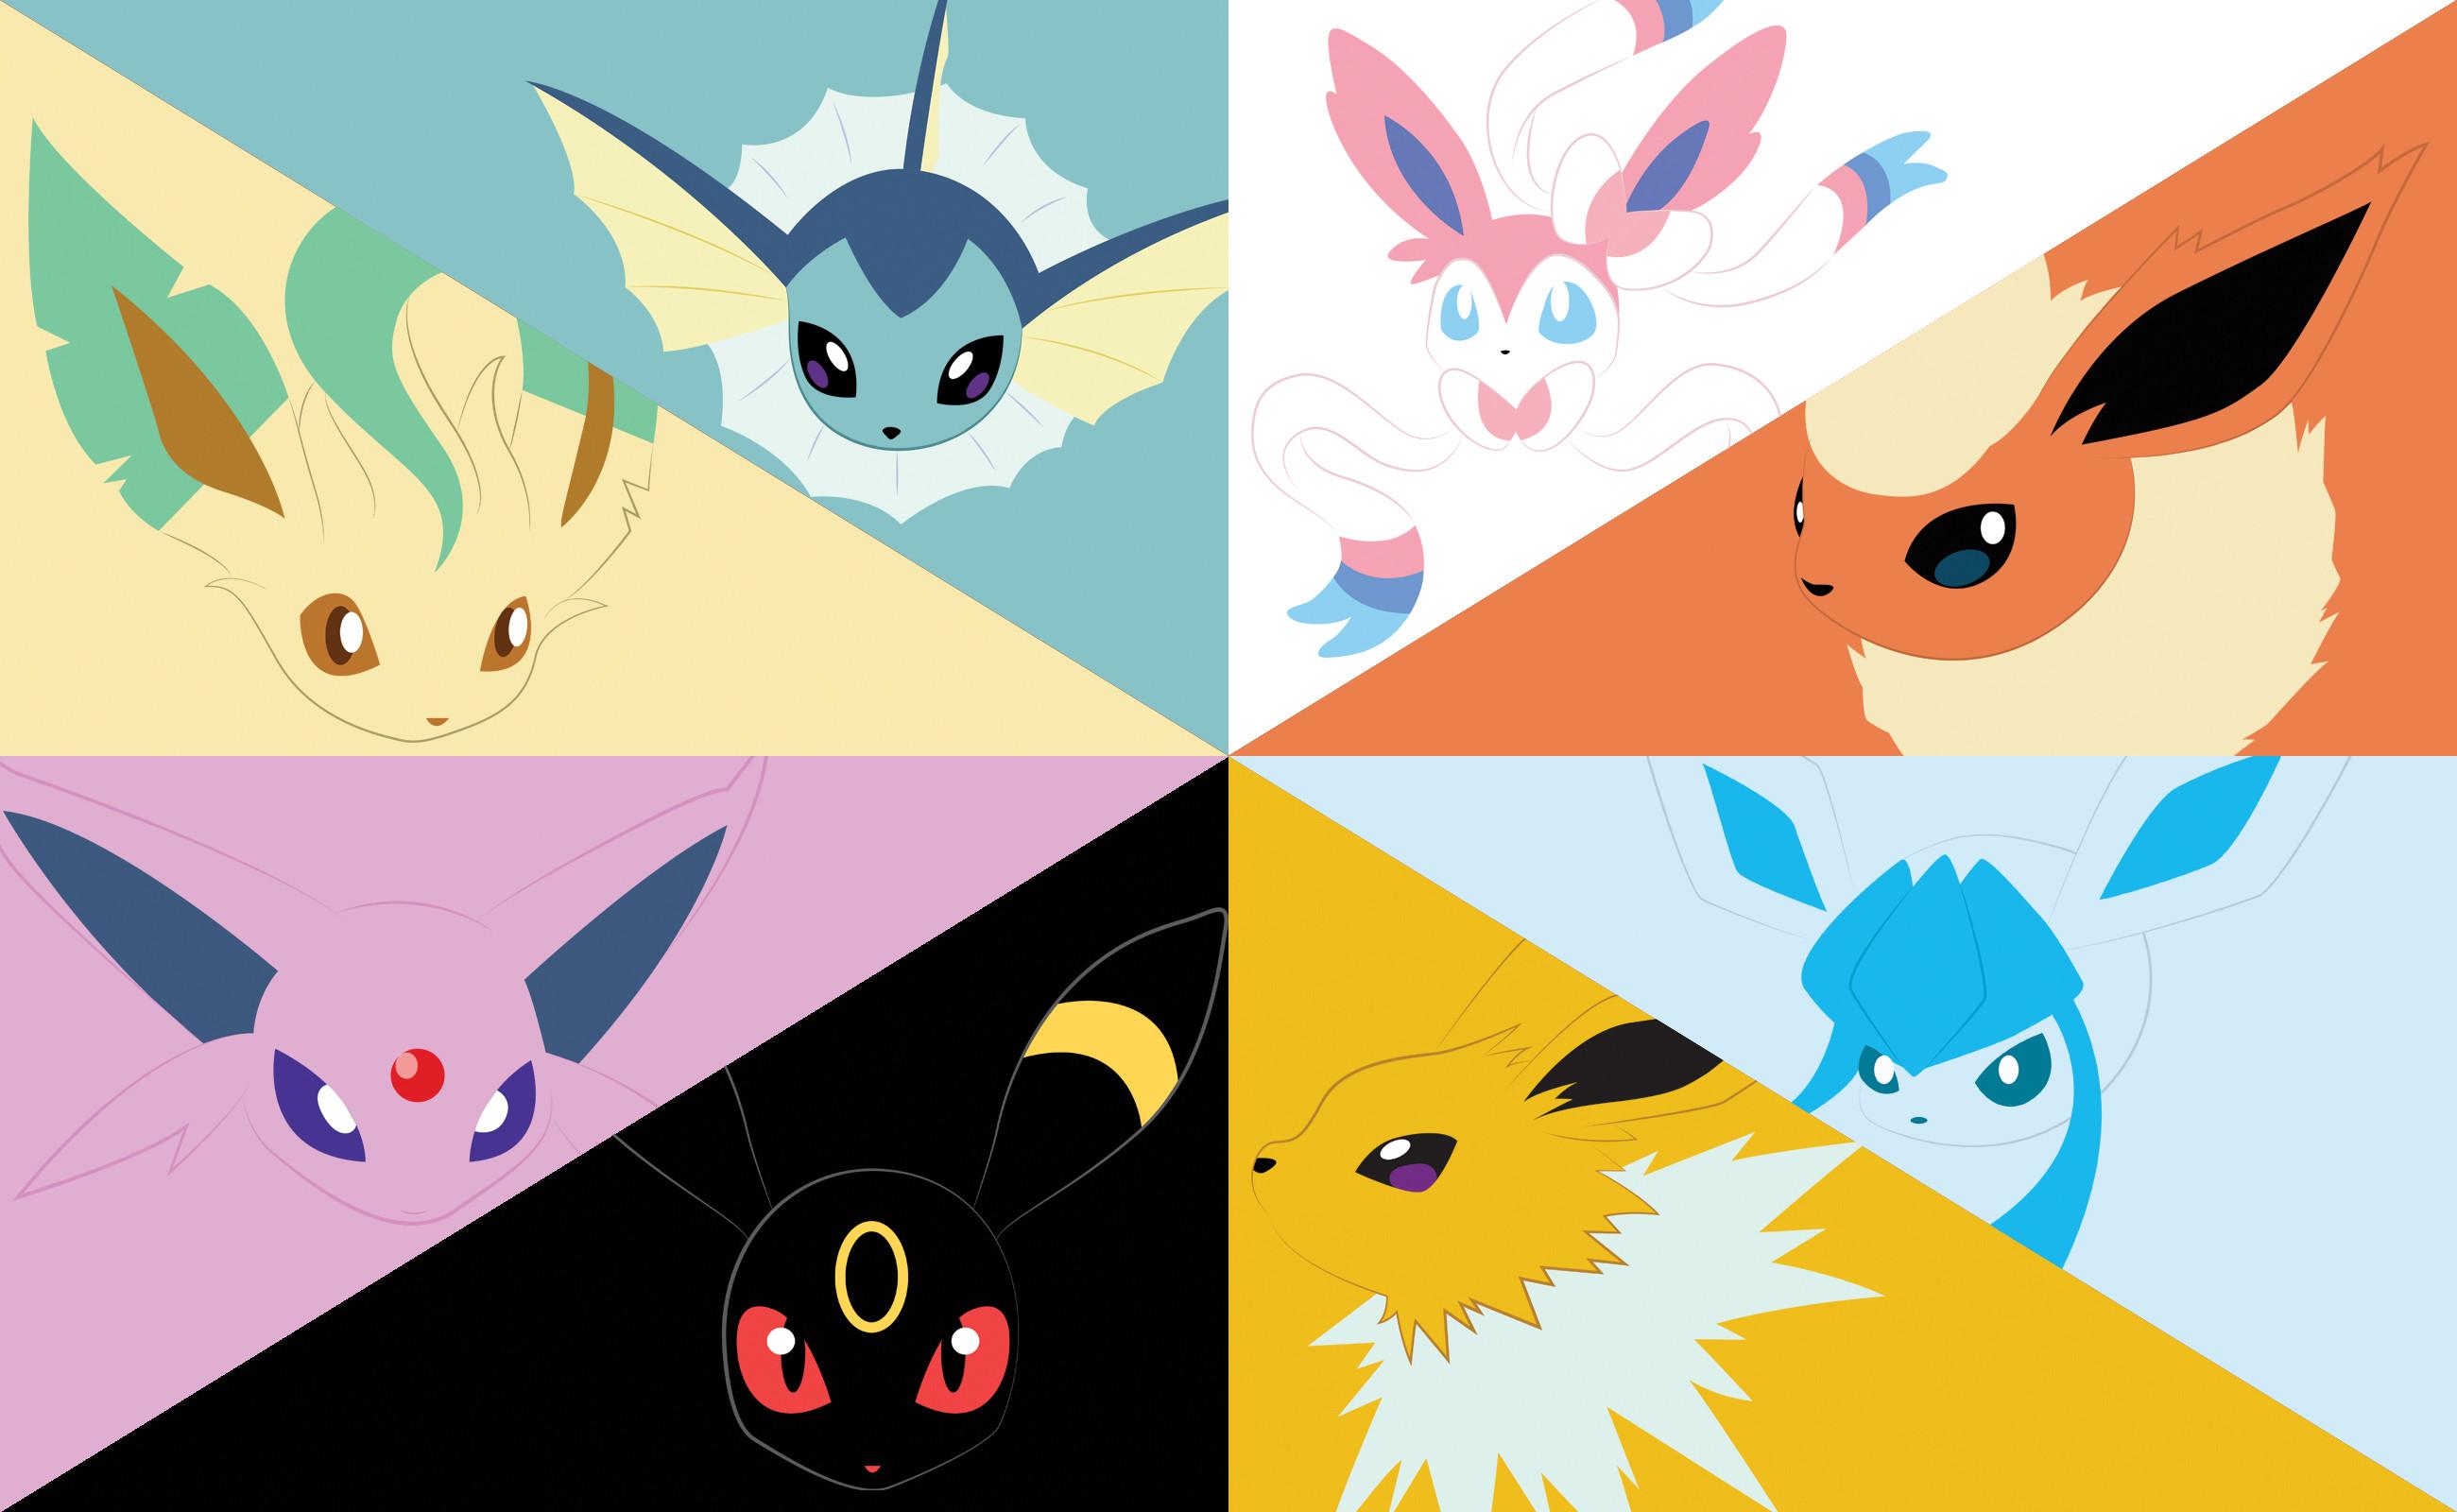 Pokemon Eevee Wallpapers For Desktop Gallery. Eevee 31049